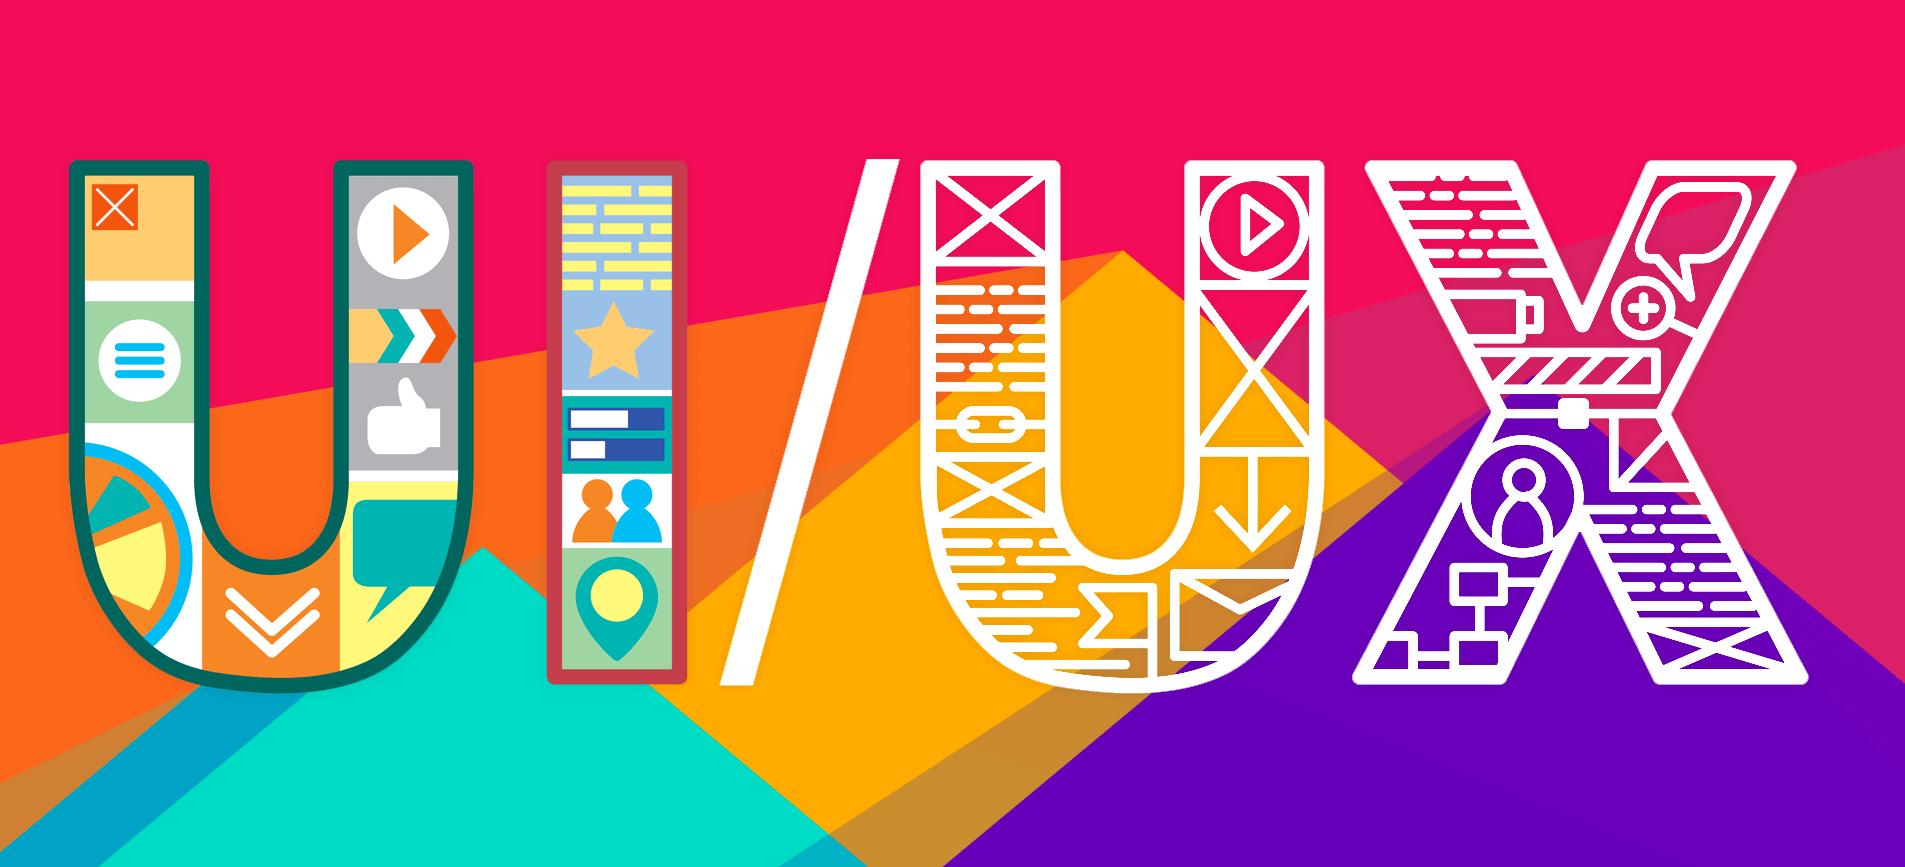 ui-ux-1